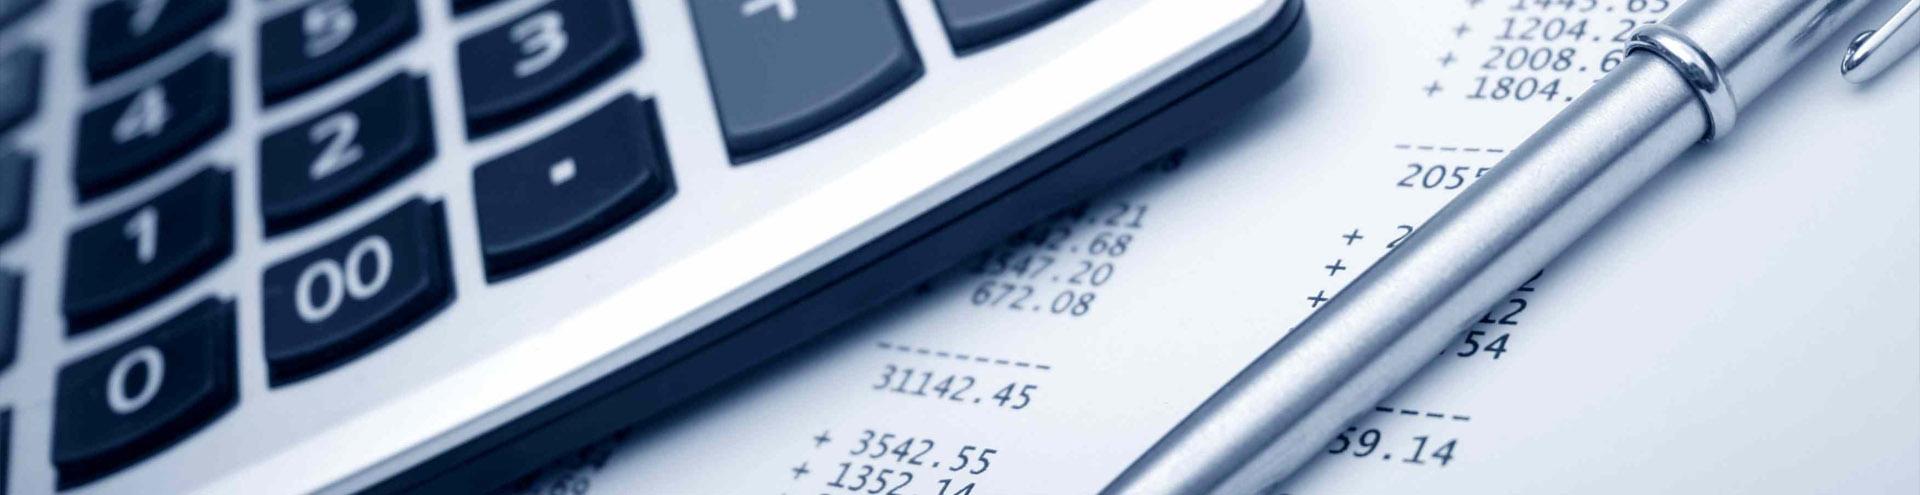 стоимость юридических услуг в Калуге